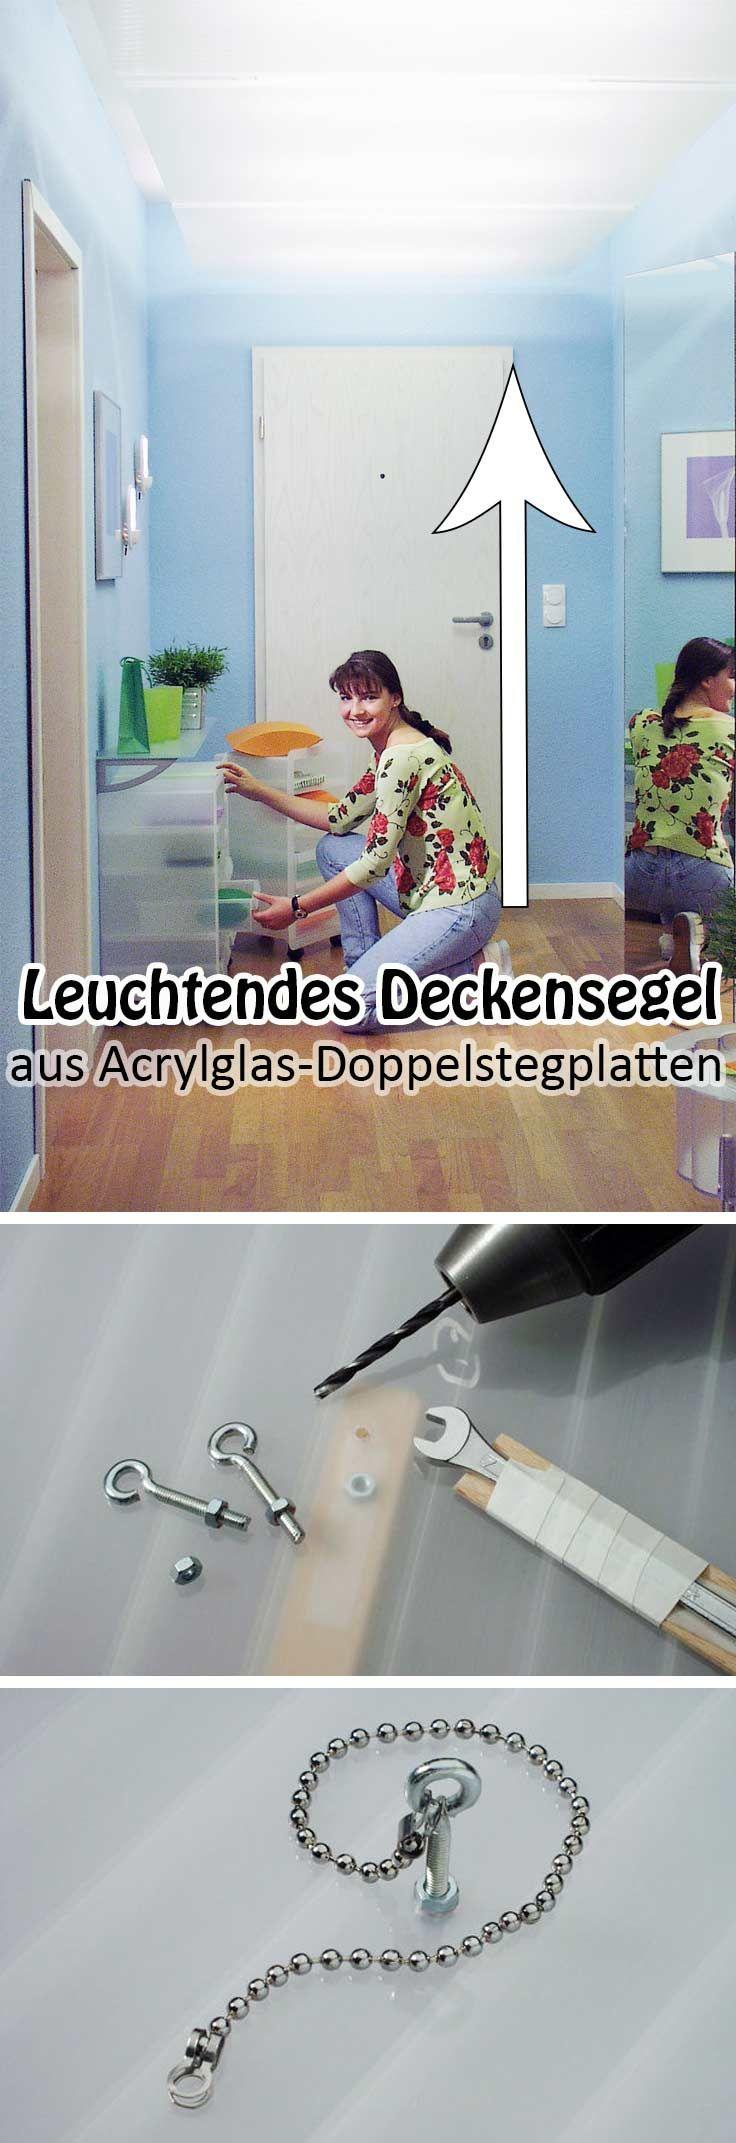 foto auf acrylglas mit beleuchtung stockfotos abbild oder aacfebeff